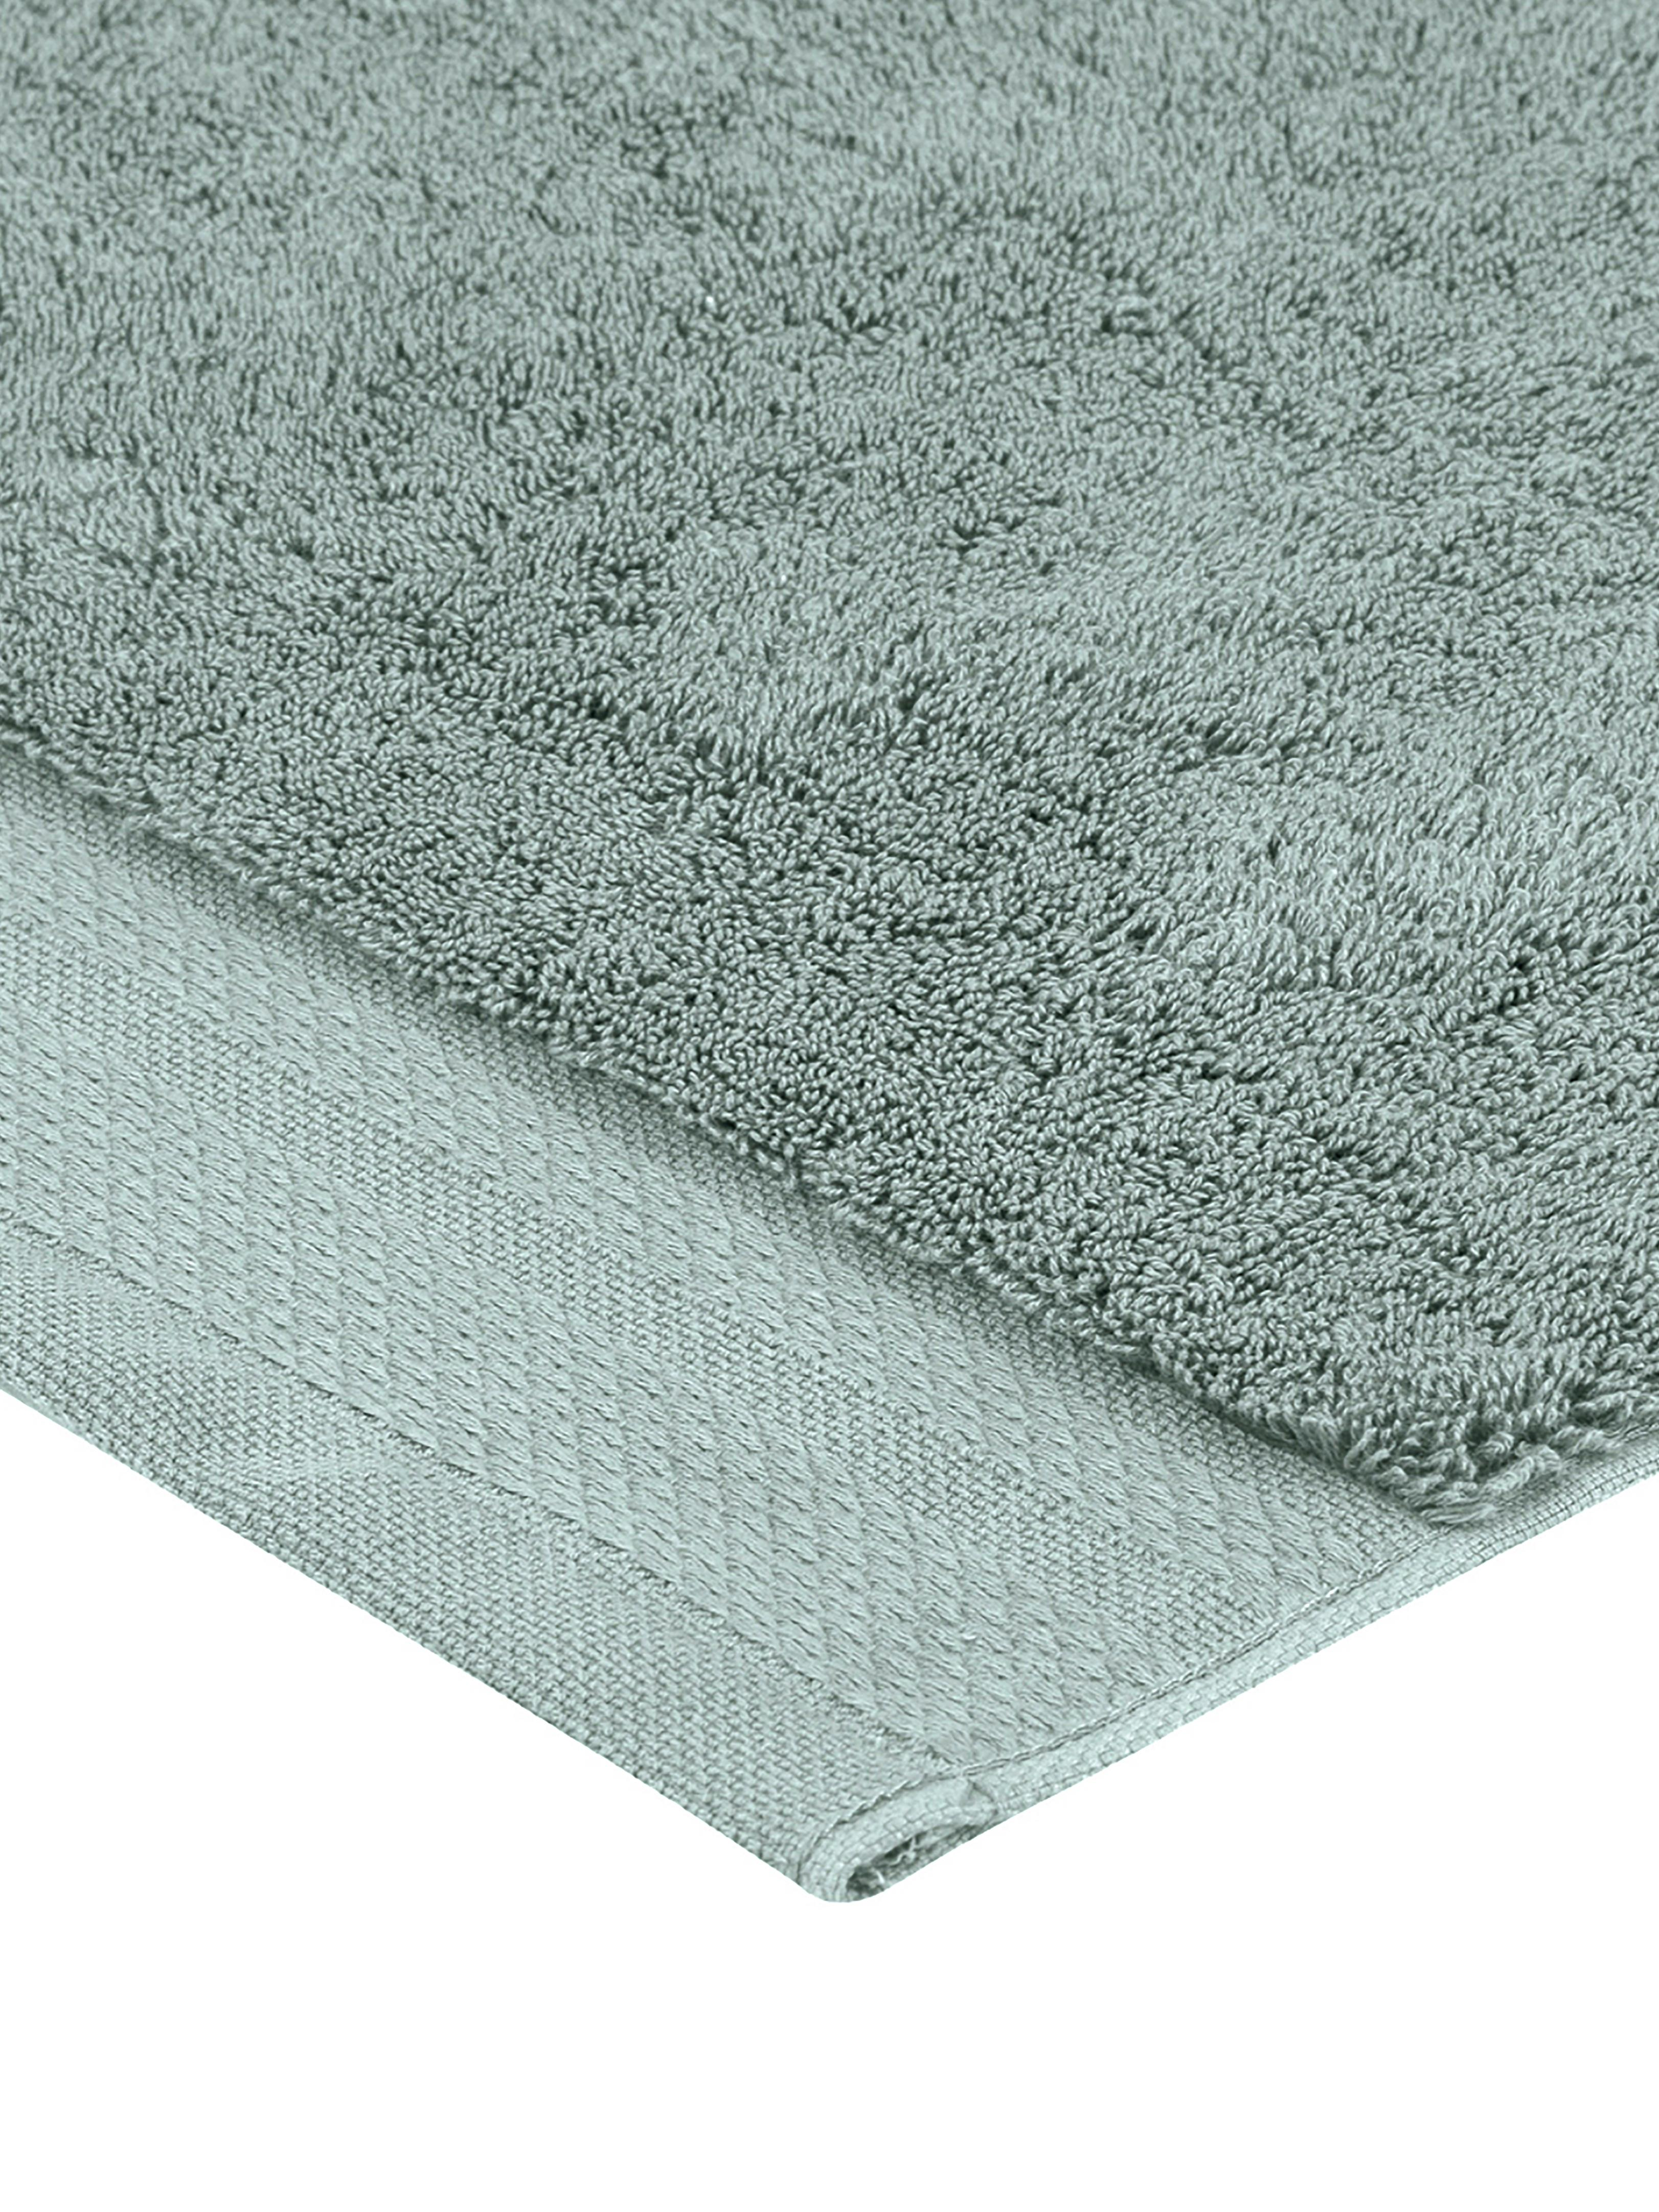 Badematte Premium, rutschfest, 100% Baumwolle, schwere Qualität 600 g/m², Salbeigrün, 50 x 70 cm